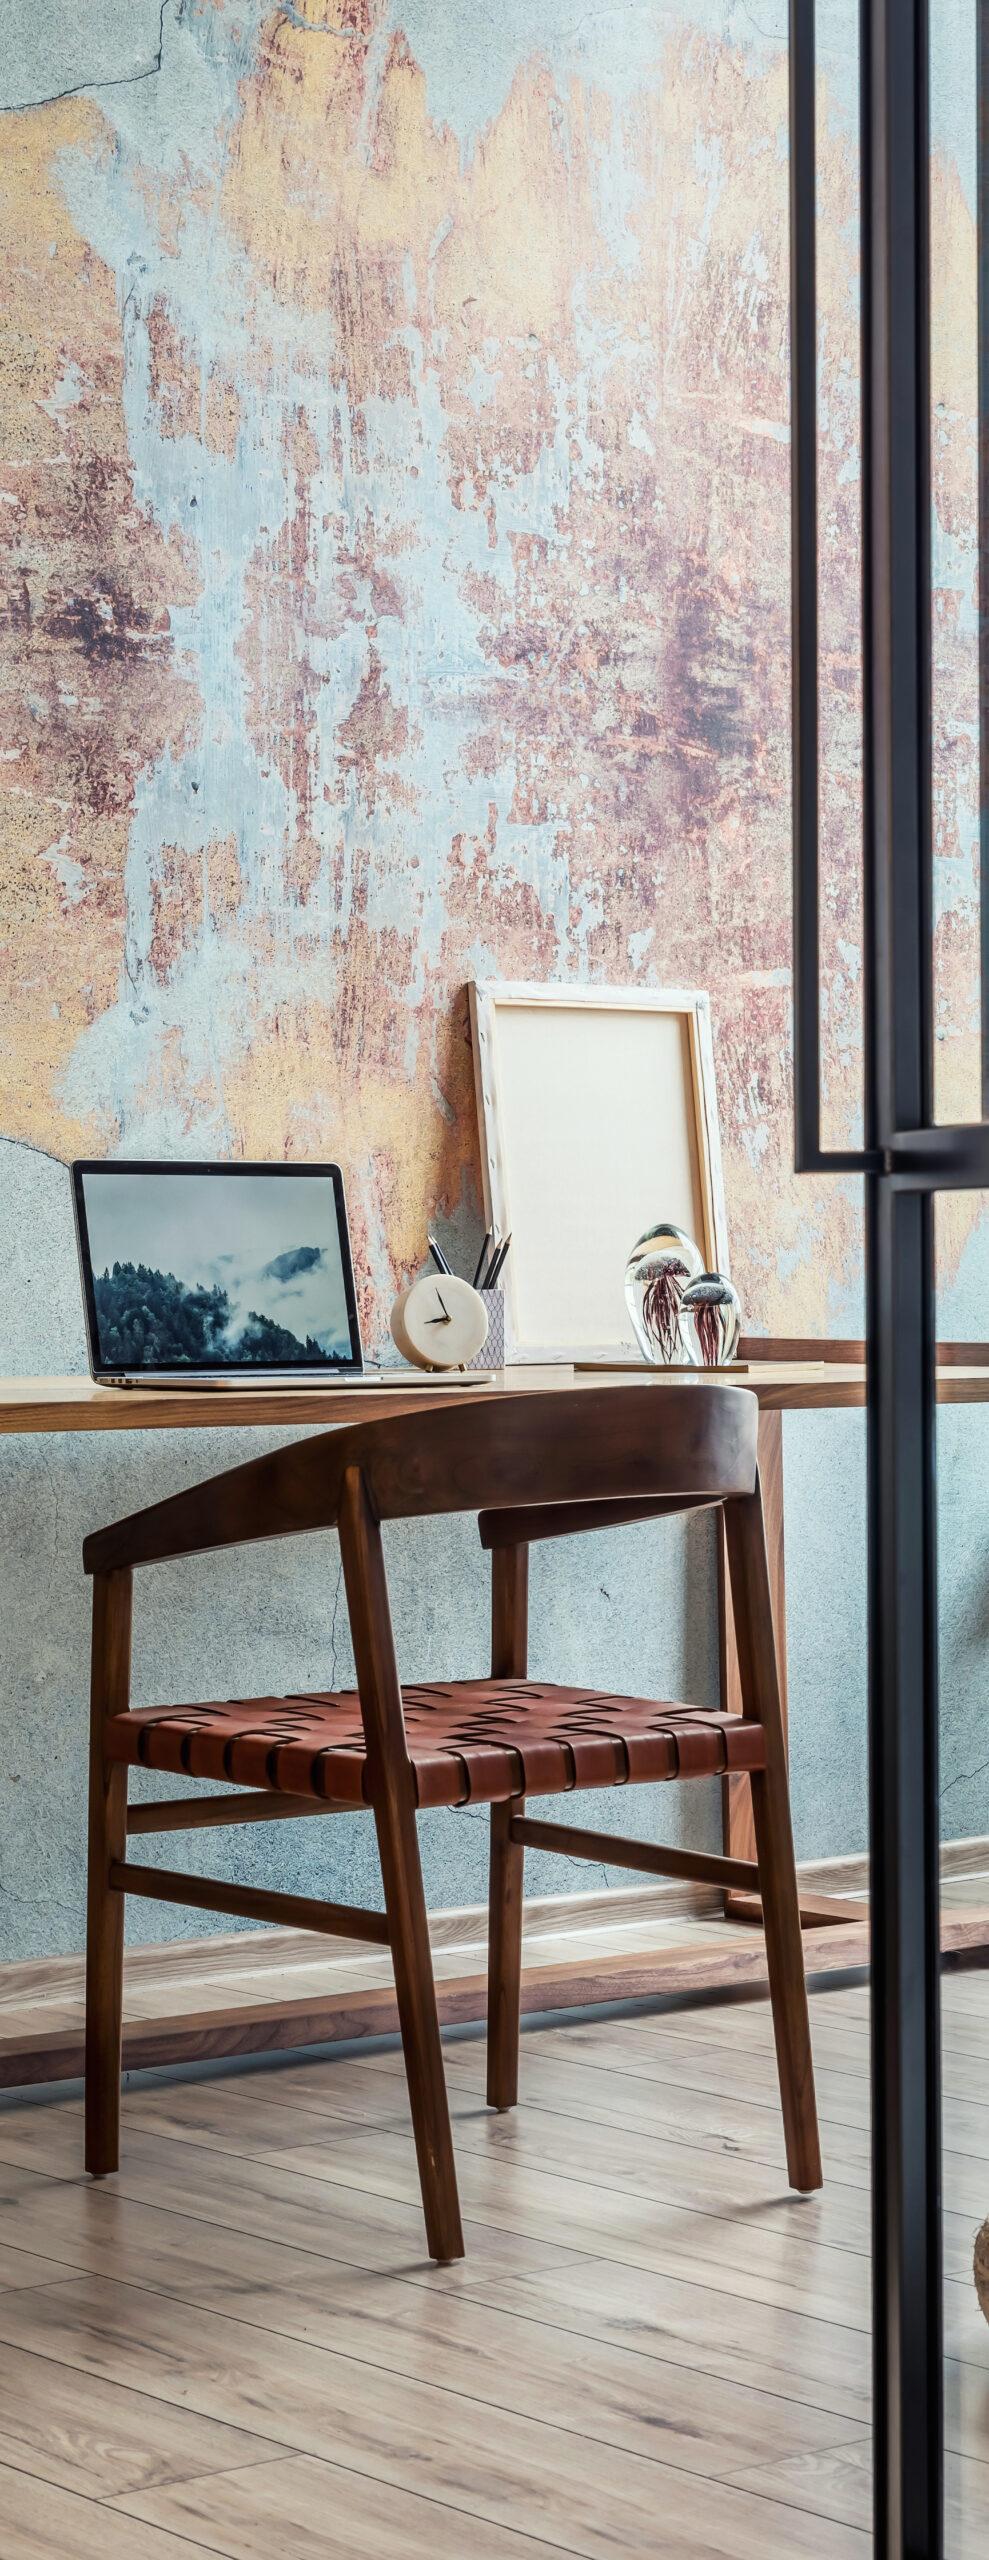 Interior Design - Progettazione d'Interni